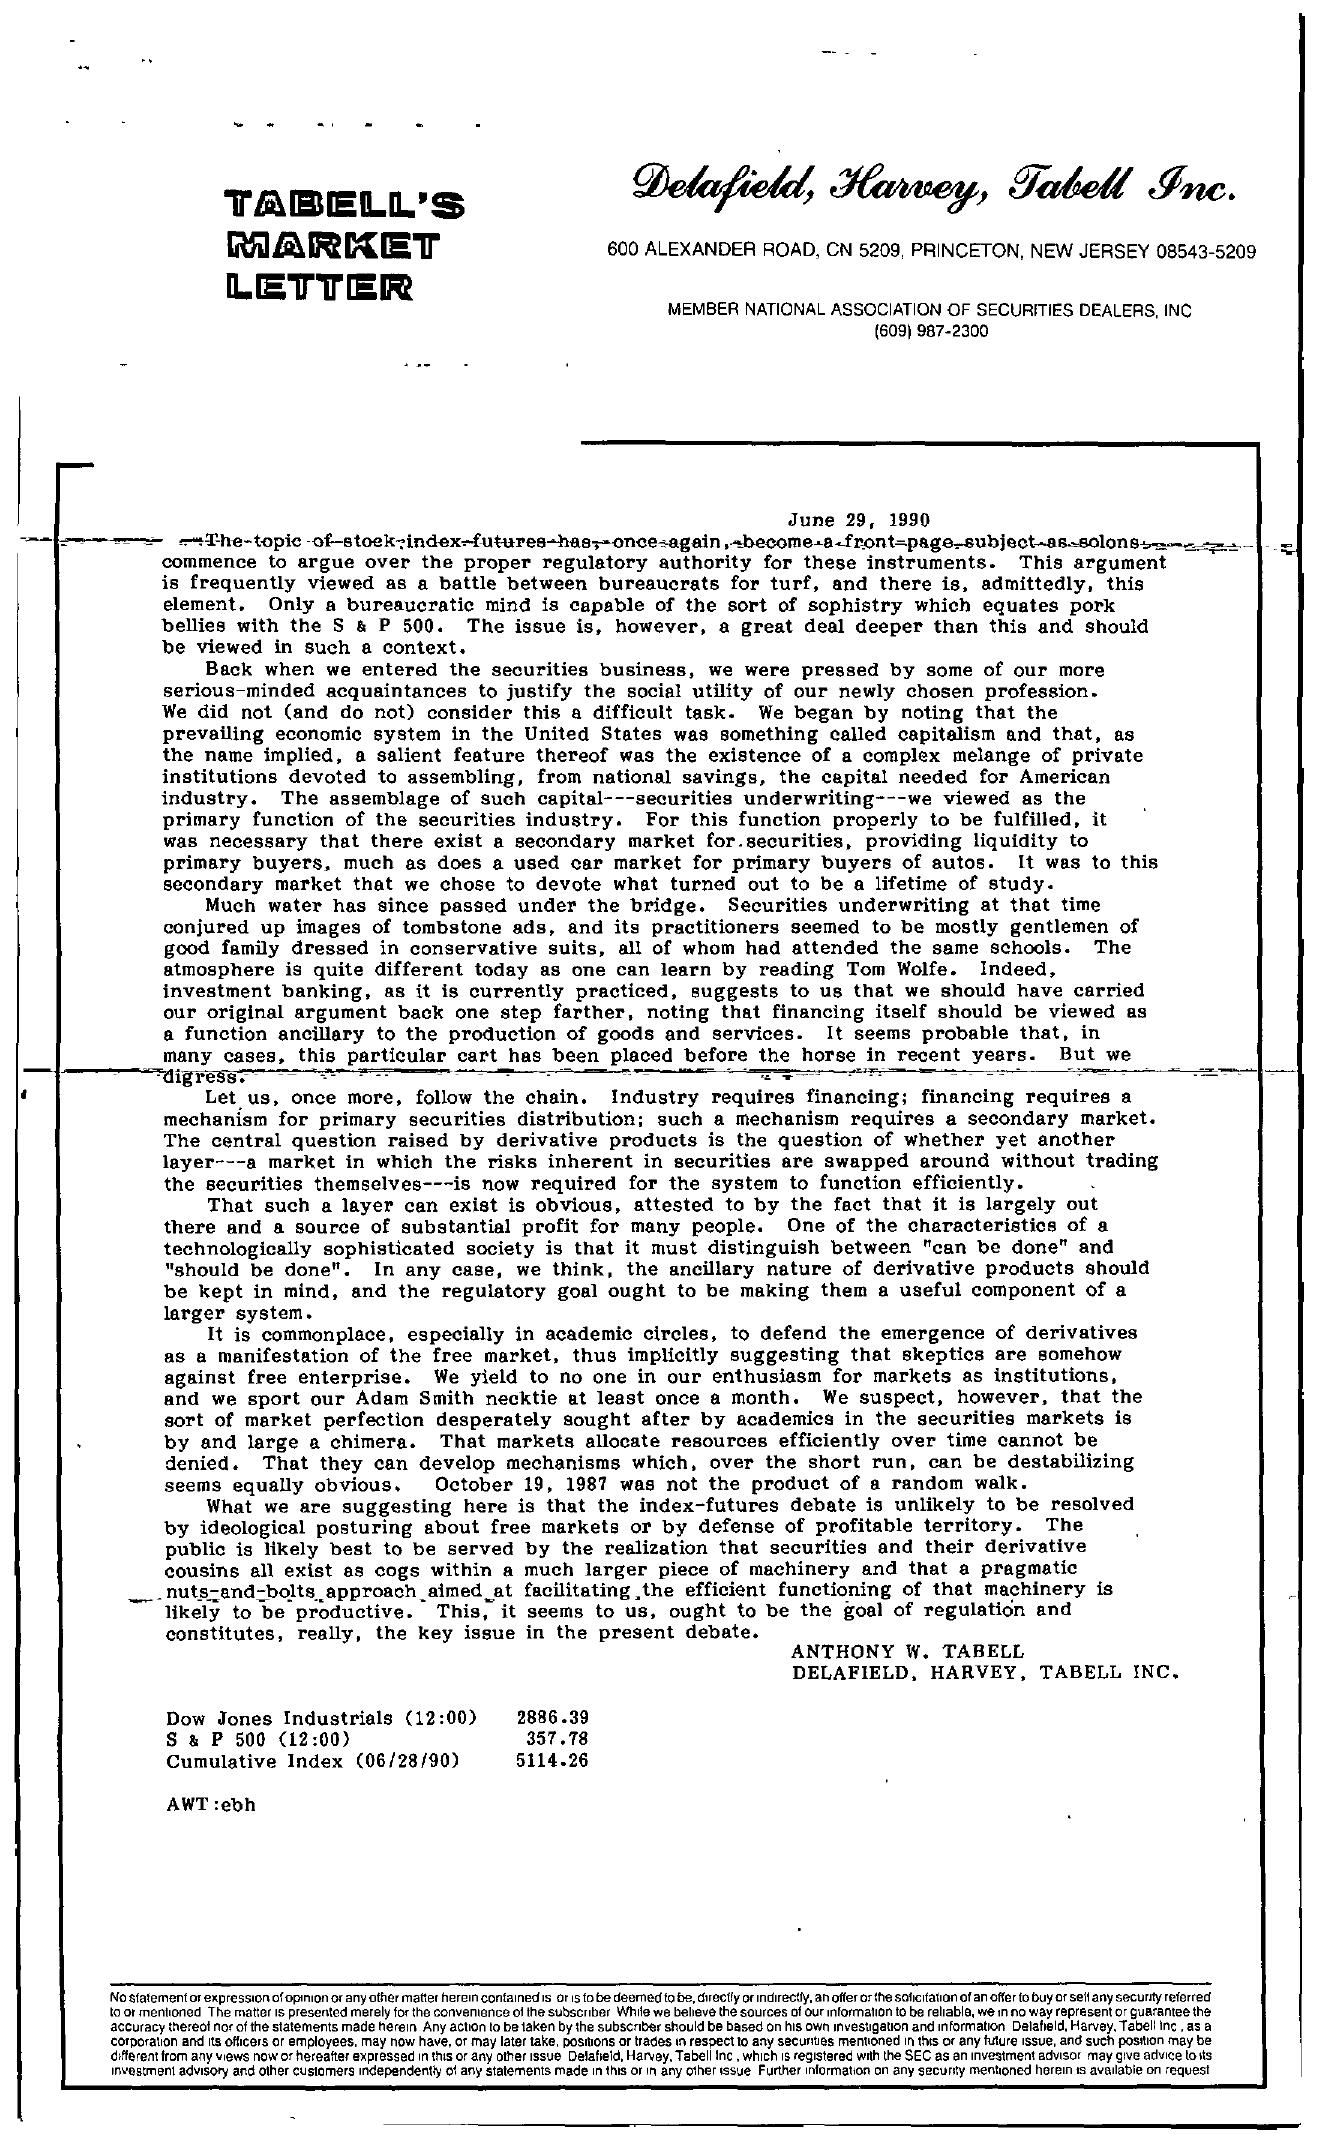 Tabell's Market Letter - June 29, 1990